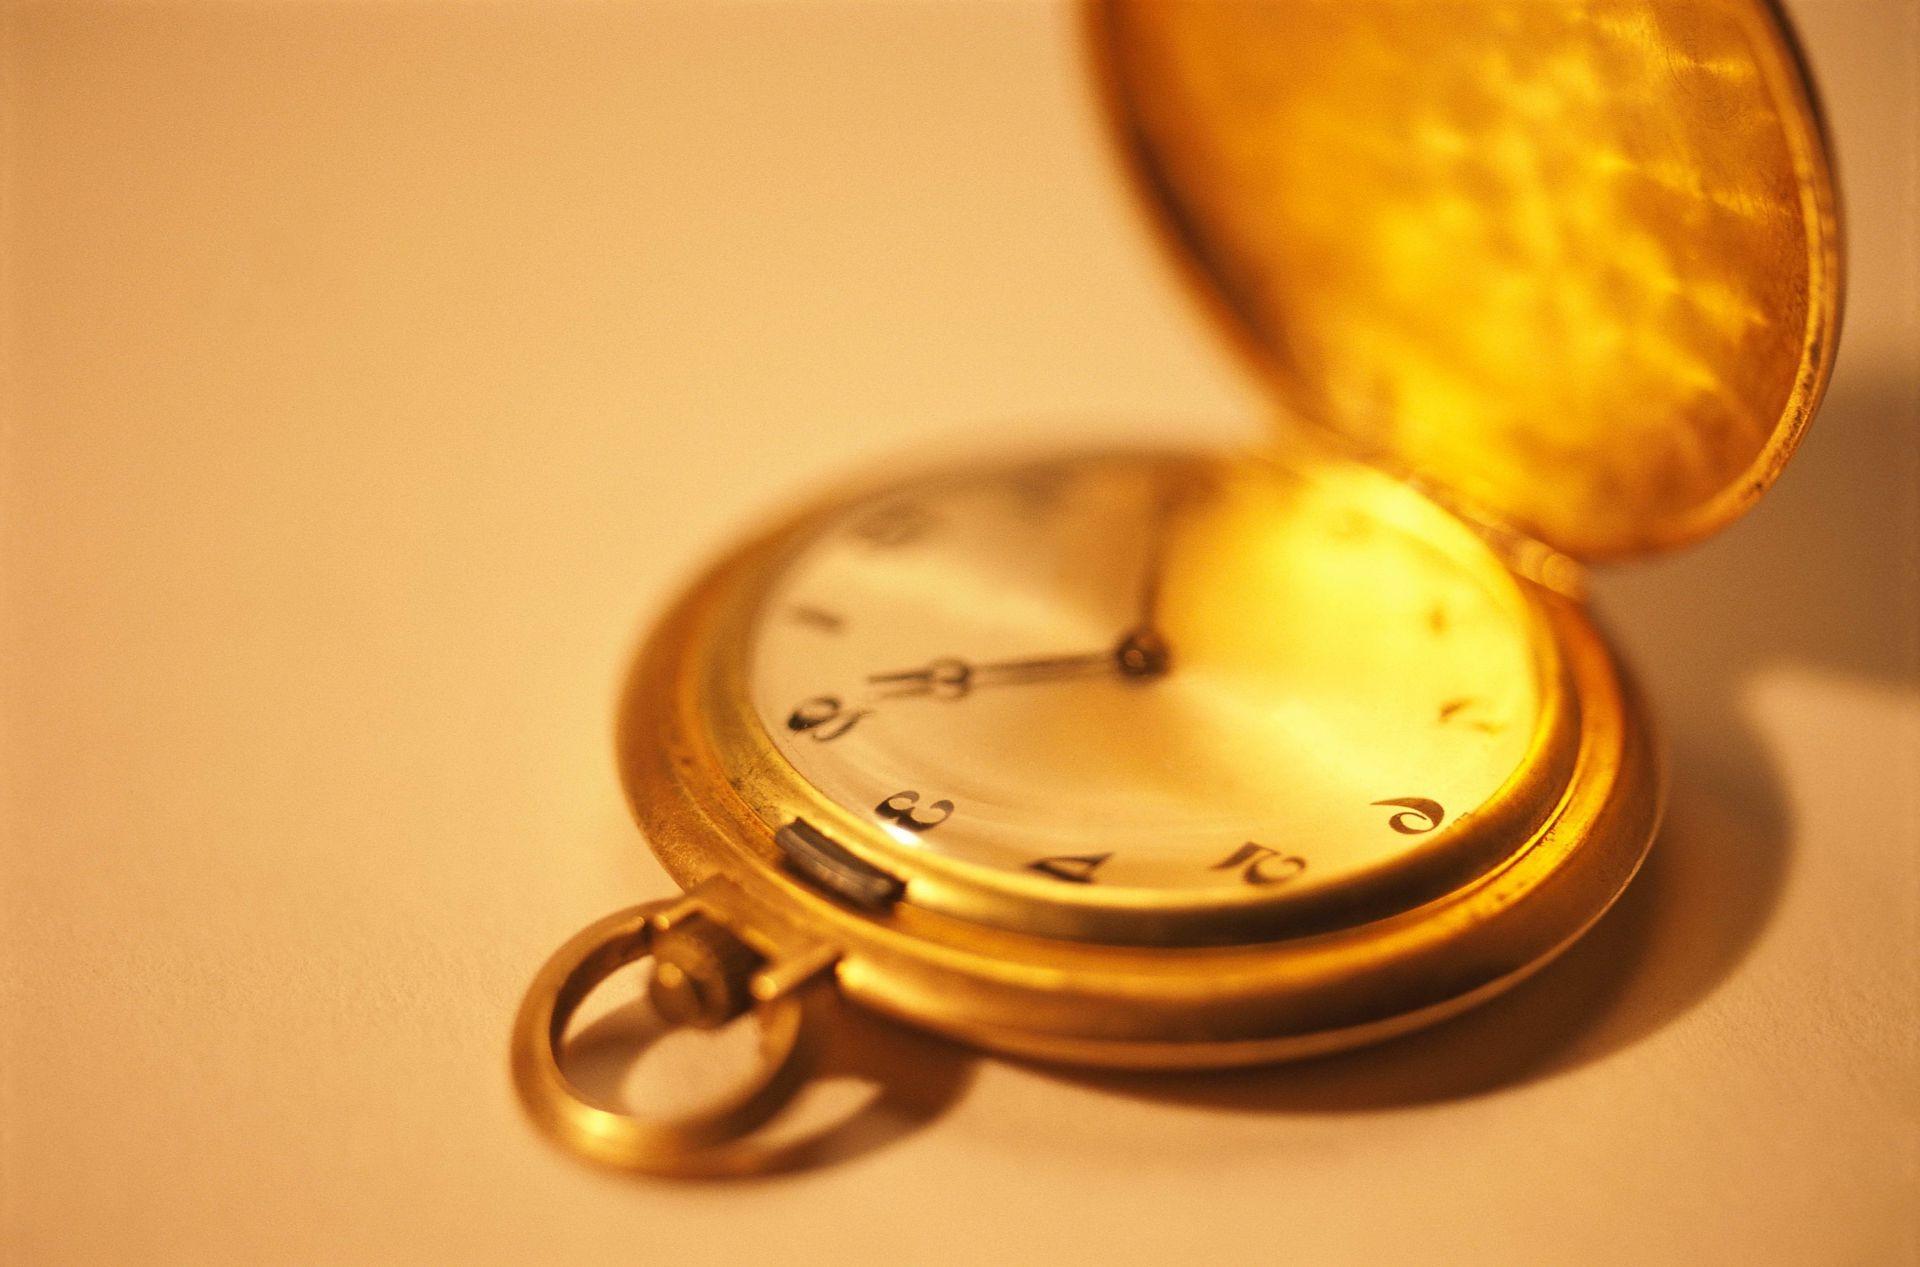 Карманные часы и скатерть  № 2171629 загрузить